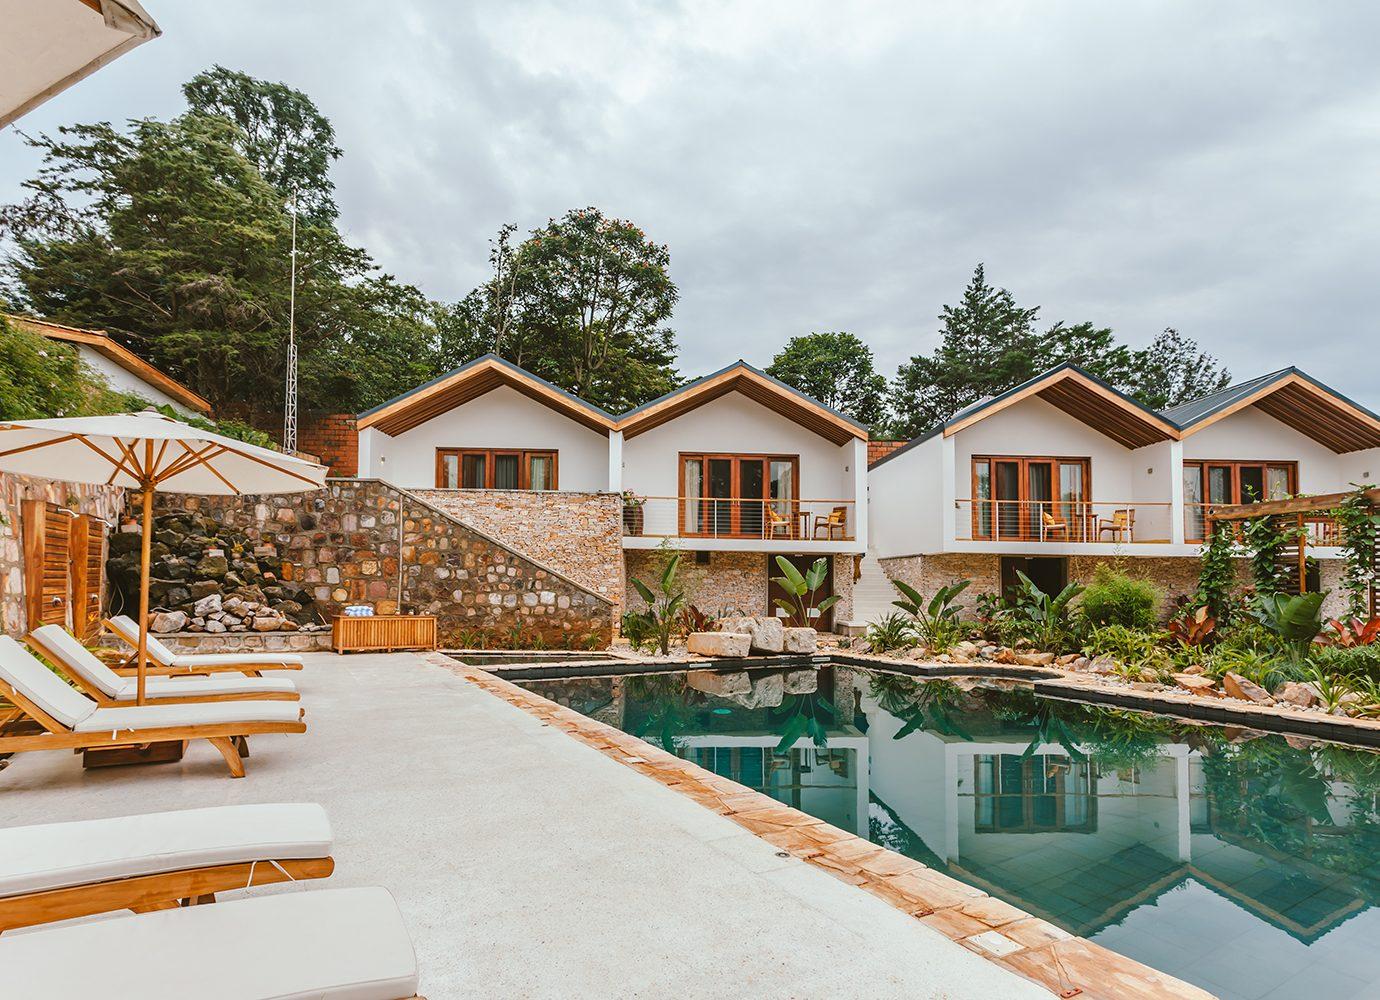 The Retreat at Heaven Rwanda pool